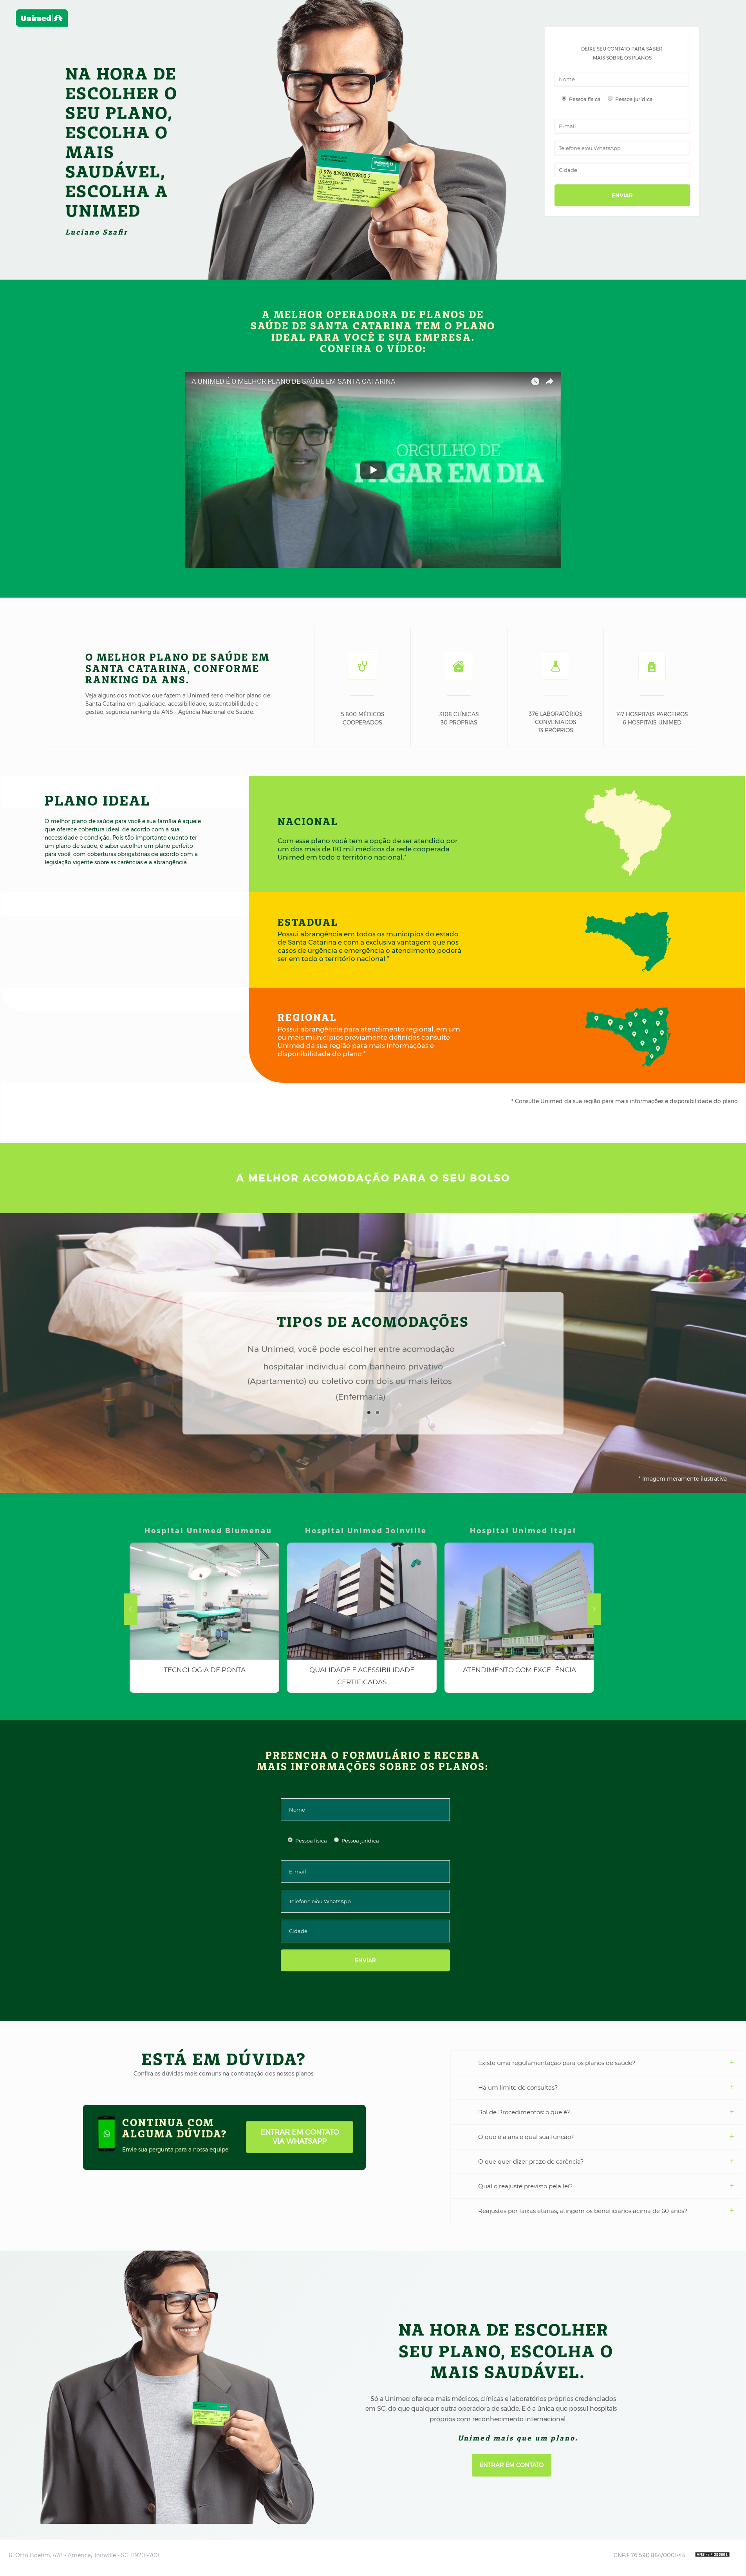 Desenvolvi Desenvolvimento Web Unimed Mais Que Um Plano Landing Page